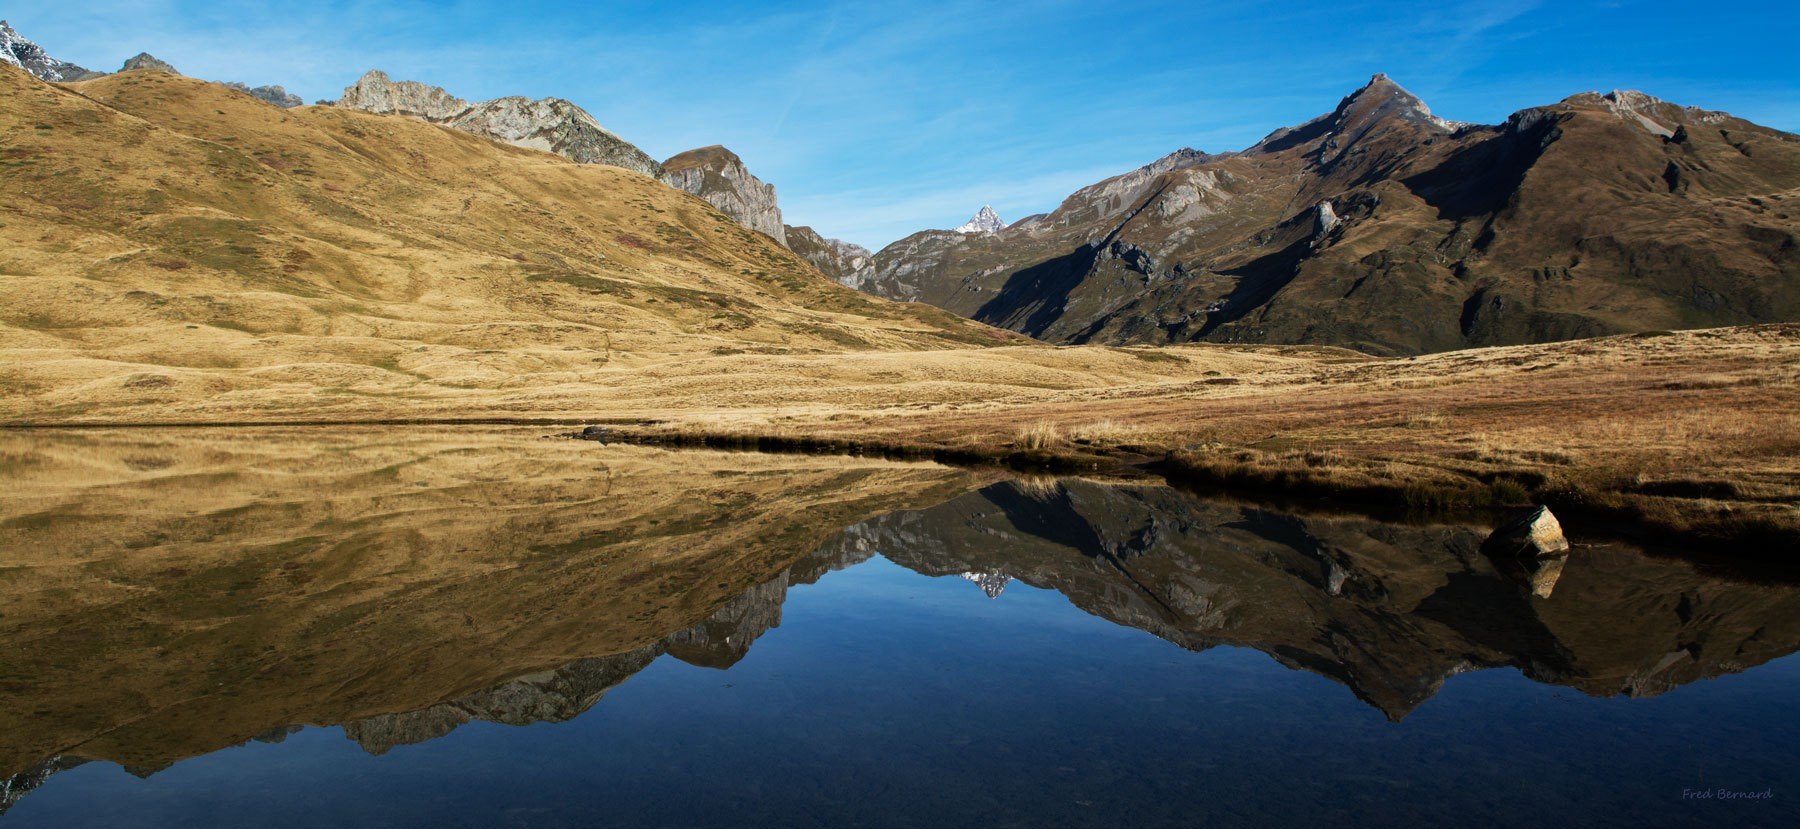 Lac Verney Val d'Aoste/ col petit st bernard